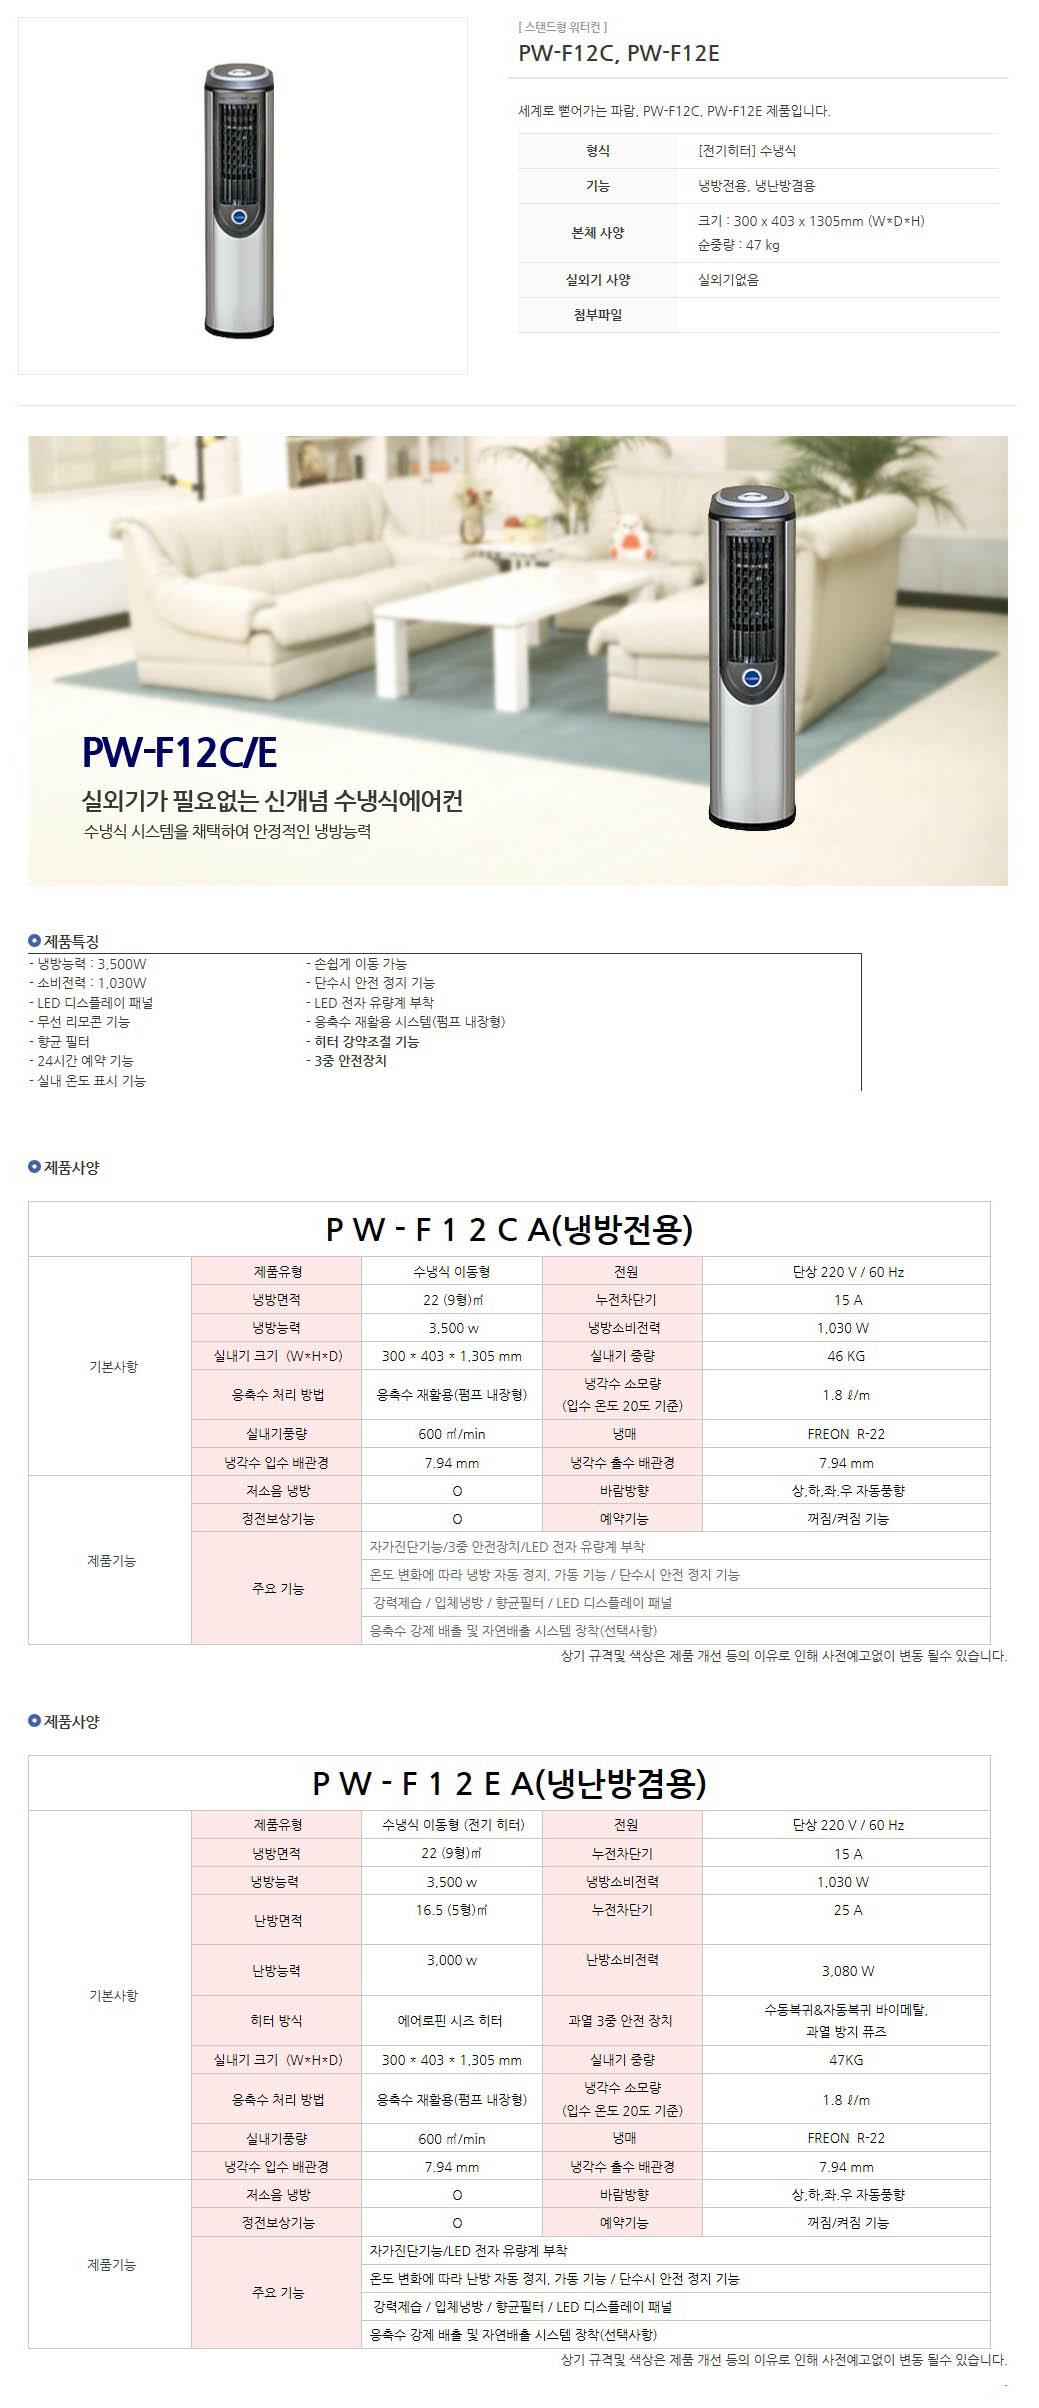 (주)파람 수냉식 에어컨 PW-F12C, PW-F12E